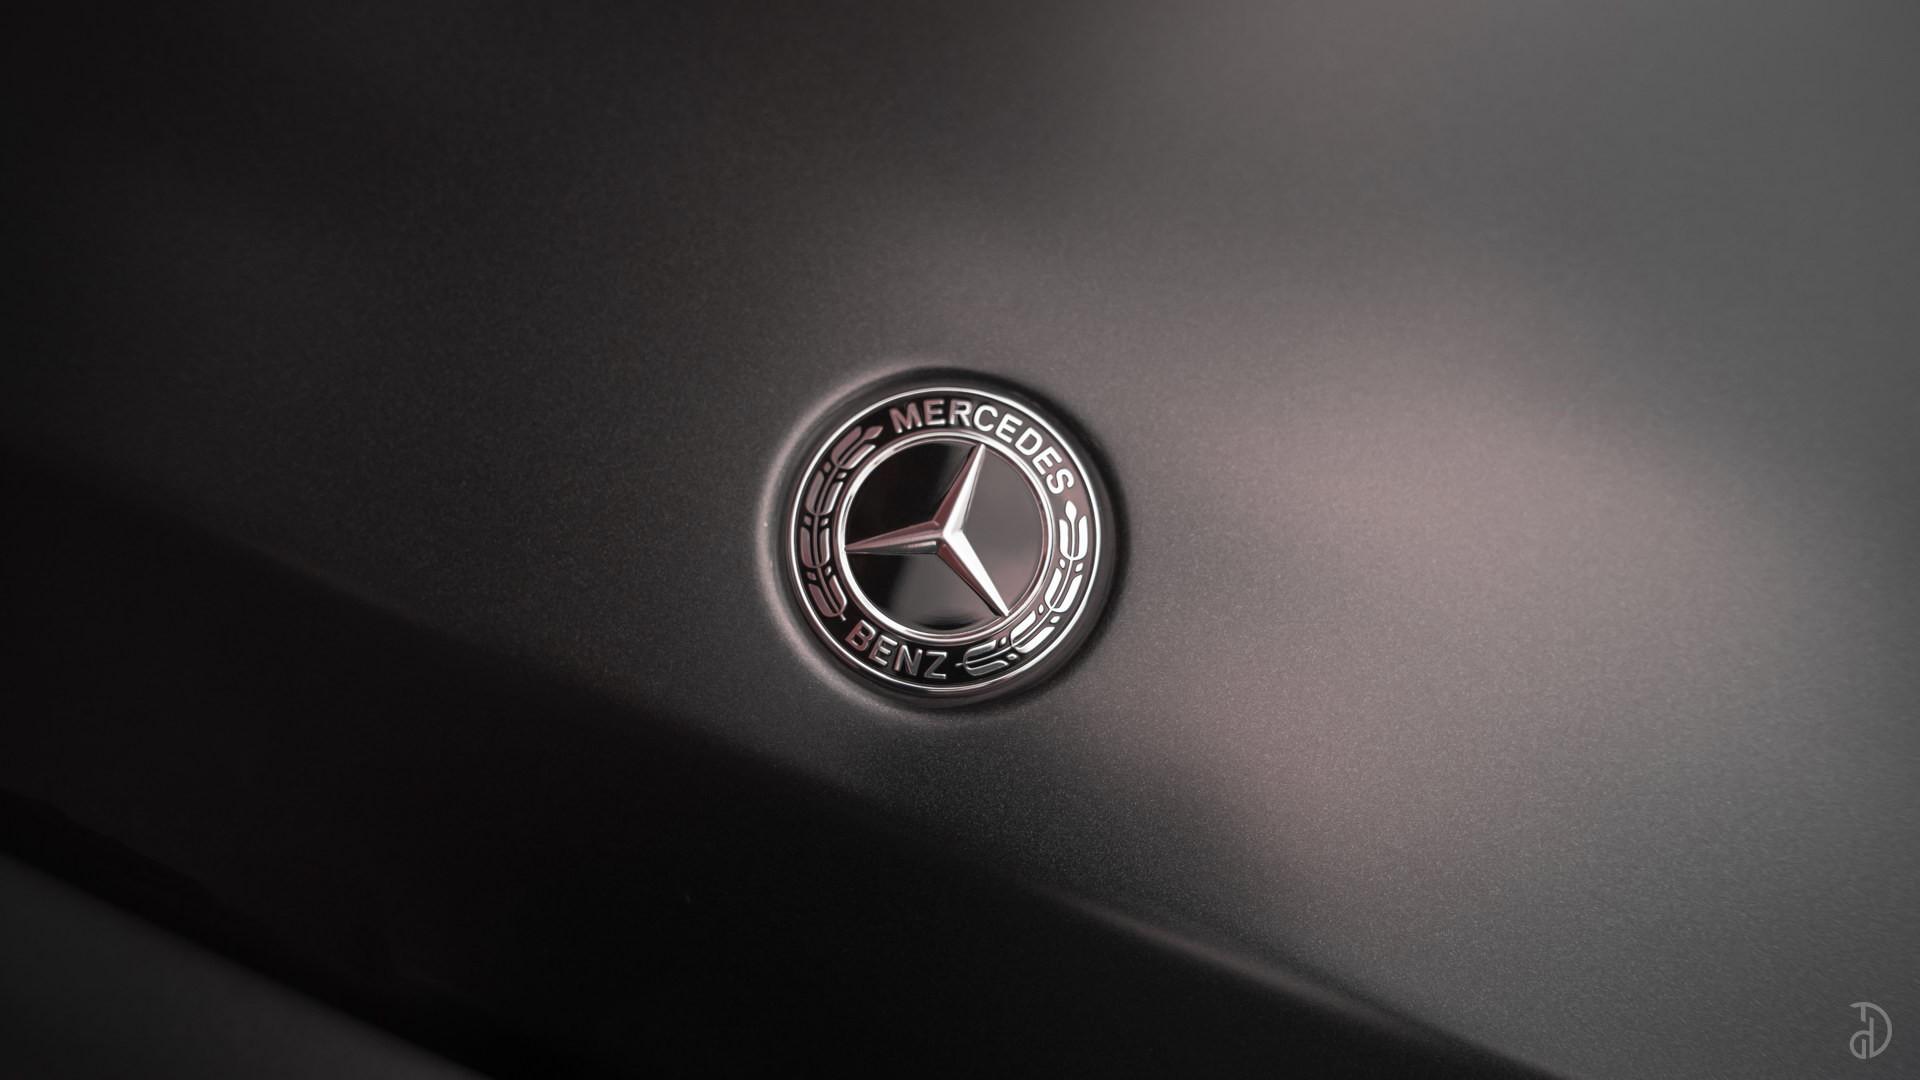 Аренда Гелендвагена Mercedes G 63 AMG 2020 в Москве. Фото 6